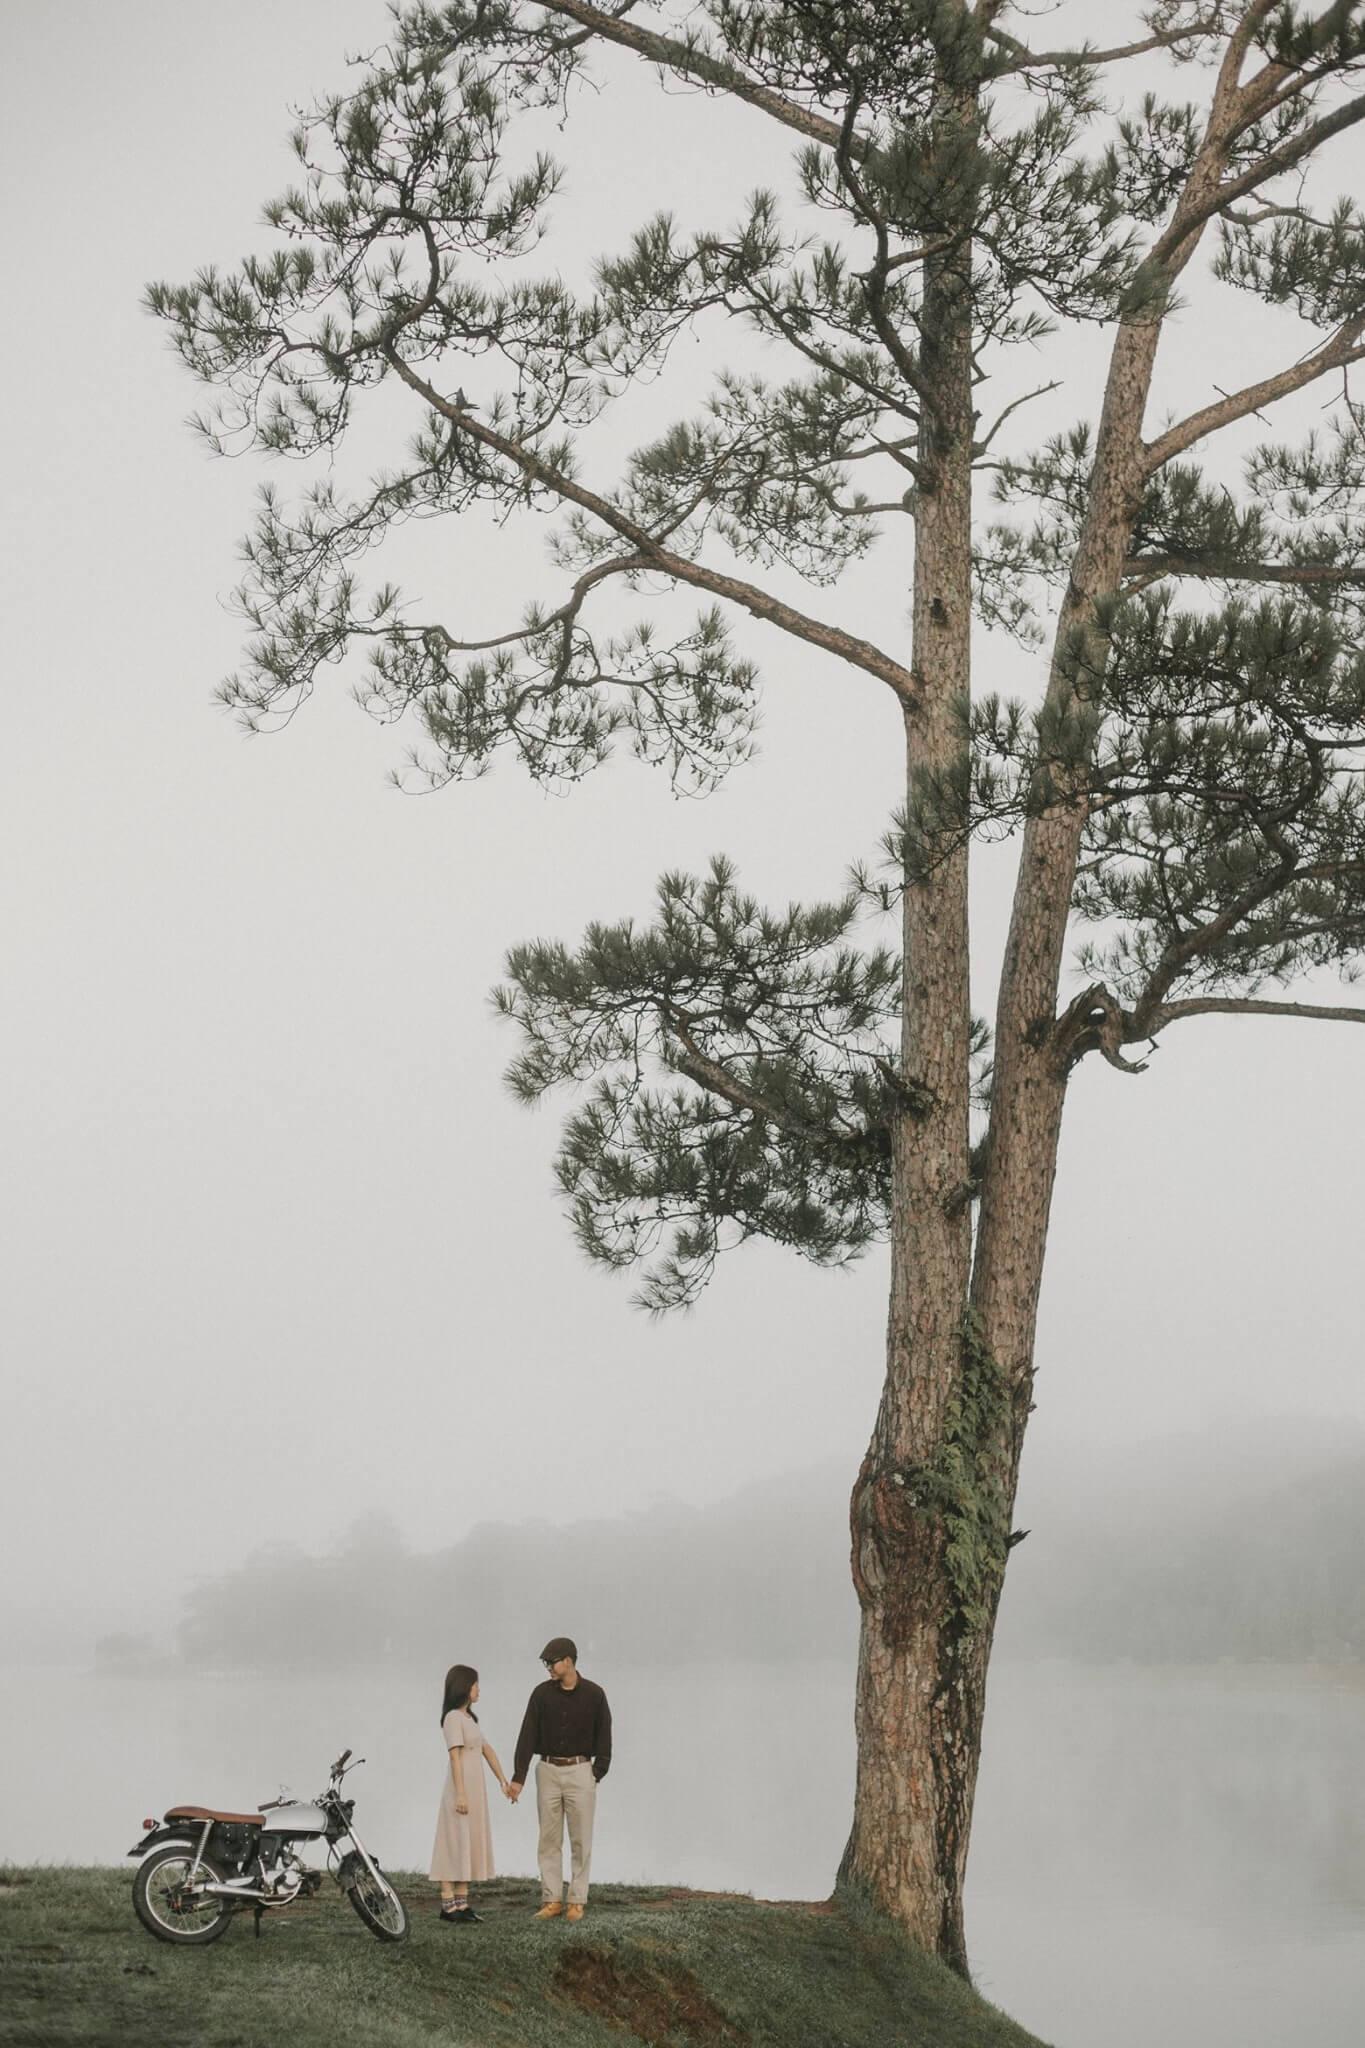 Ý nghĩa tên gọi hồ Xuân Hương